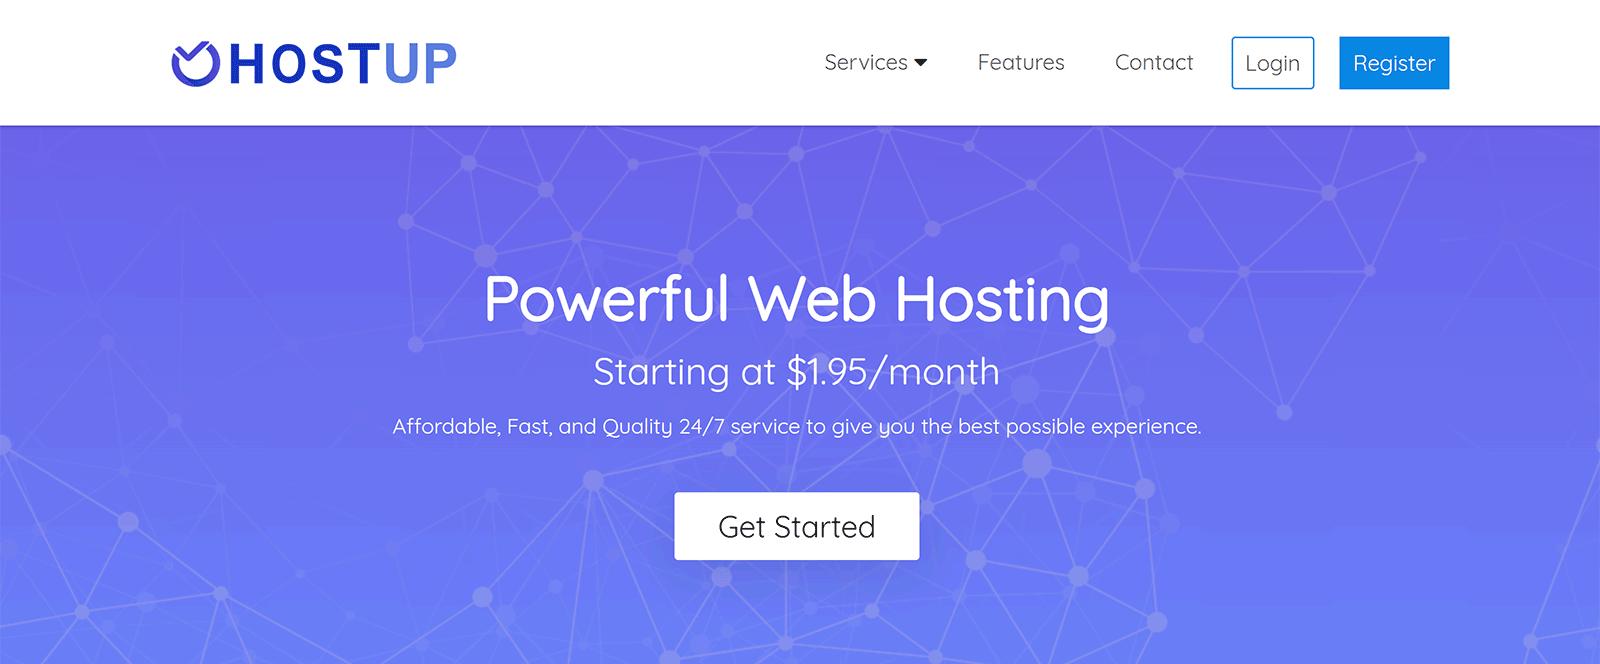 HostUp Webite Hosting